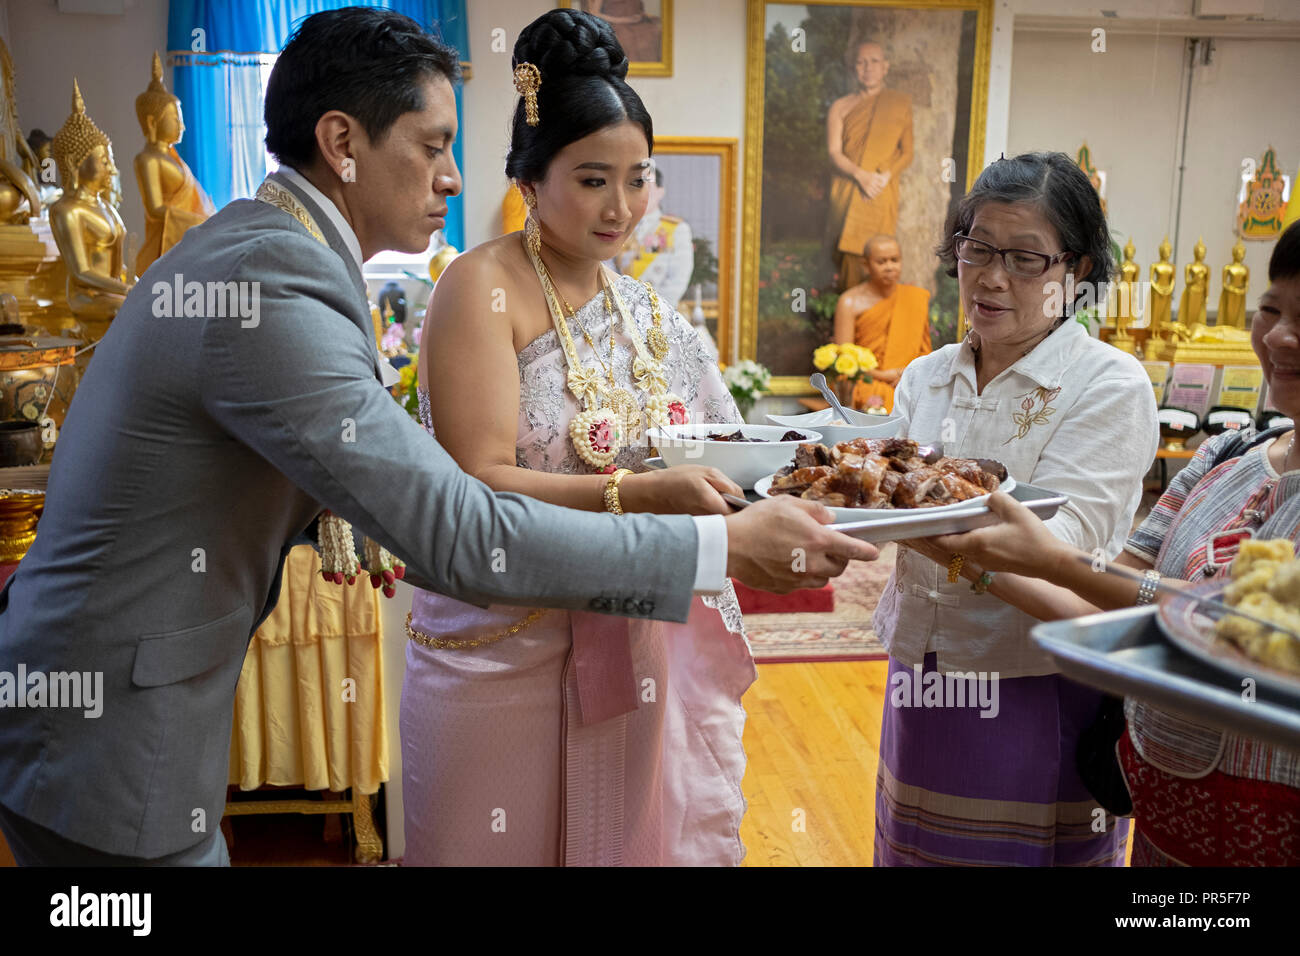 Jeunes mariés à un temple bouddhiste participer à la tradition où la congrégation se nourrir les moines. Dans le Queens, New York. Photo Stock